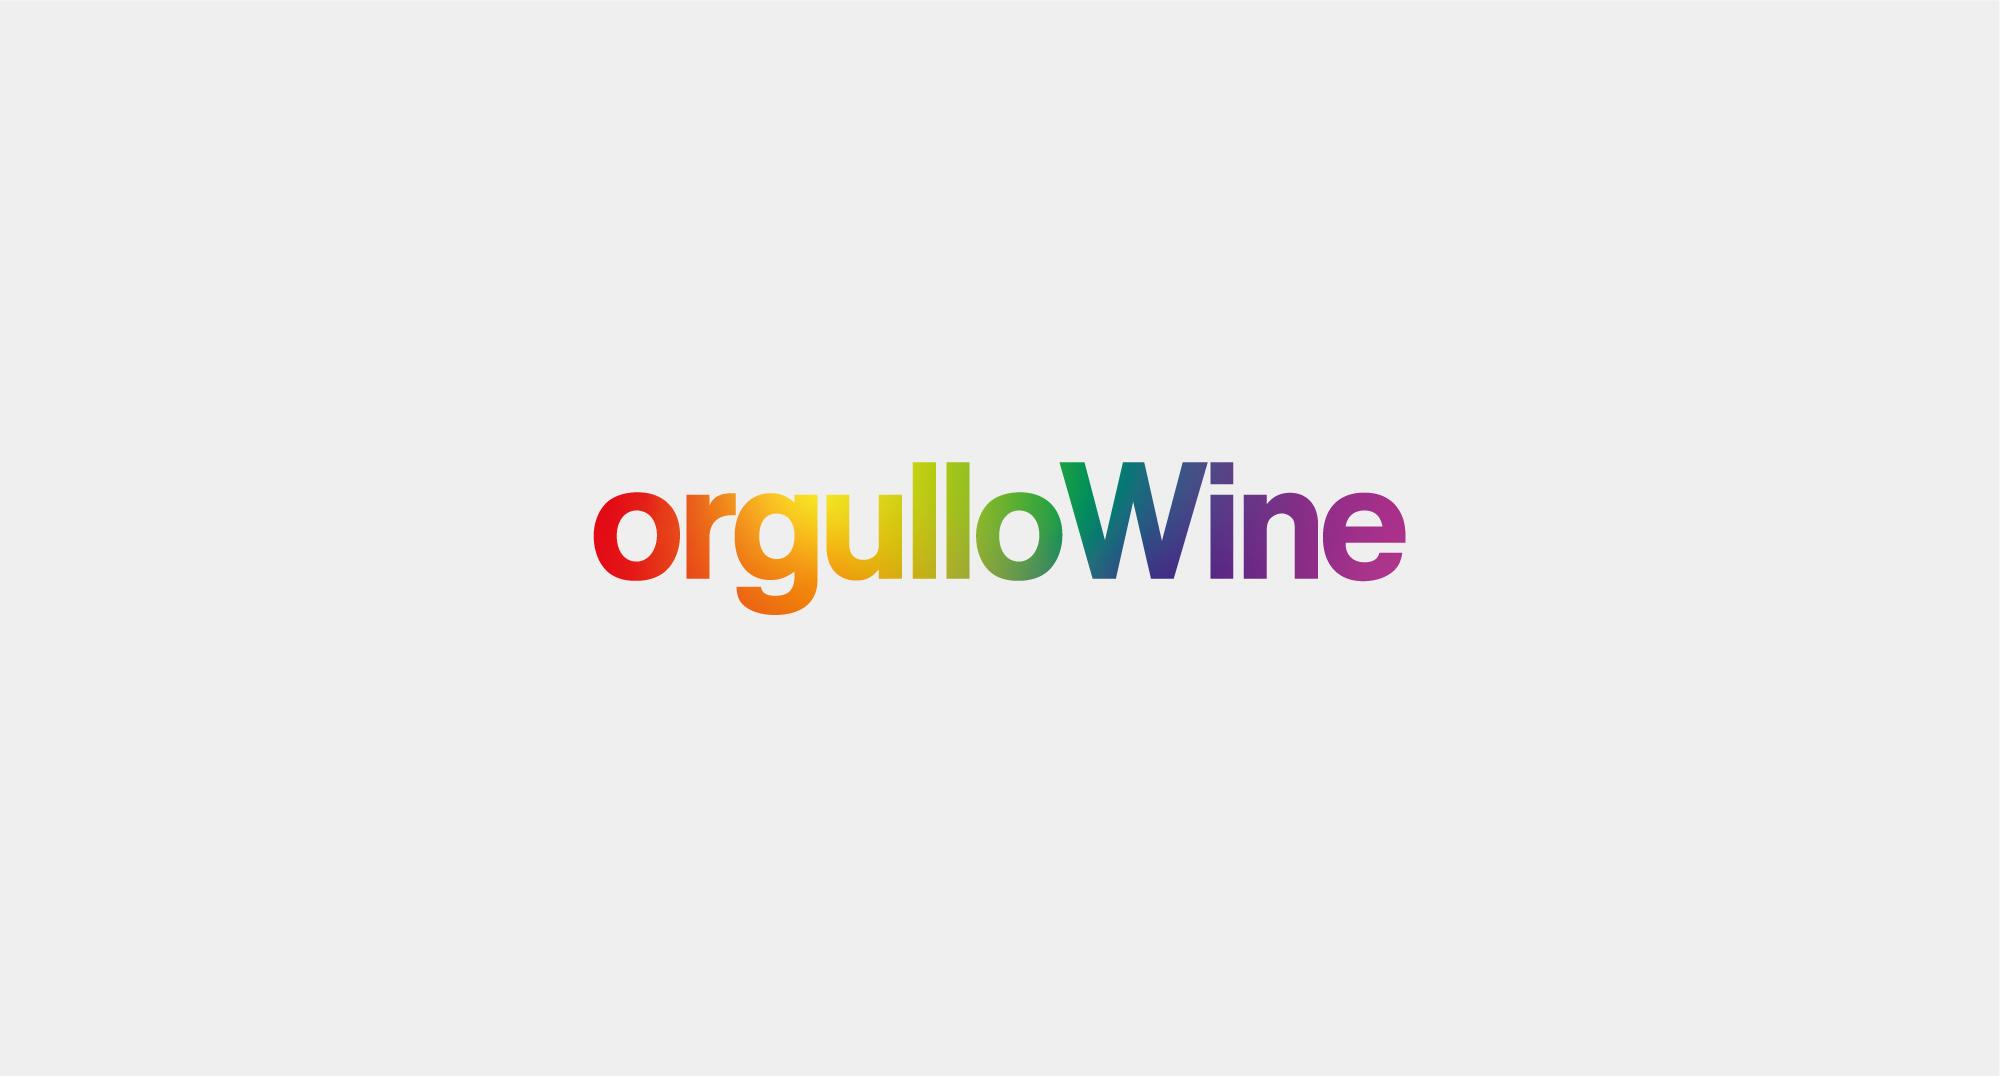 Orgullo-wine-branding-001